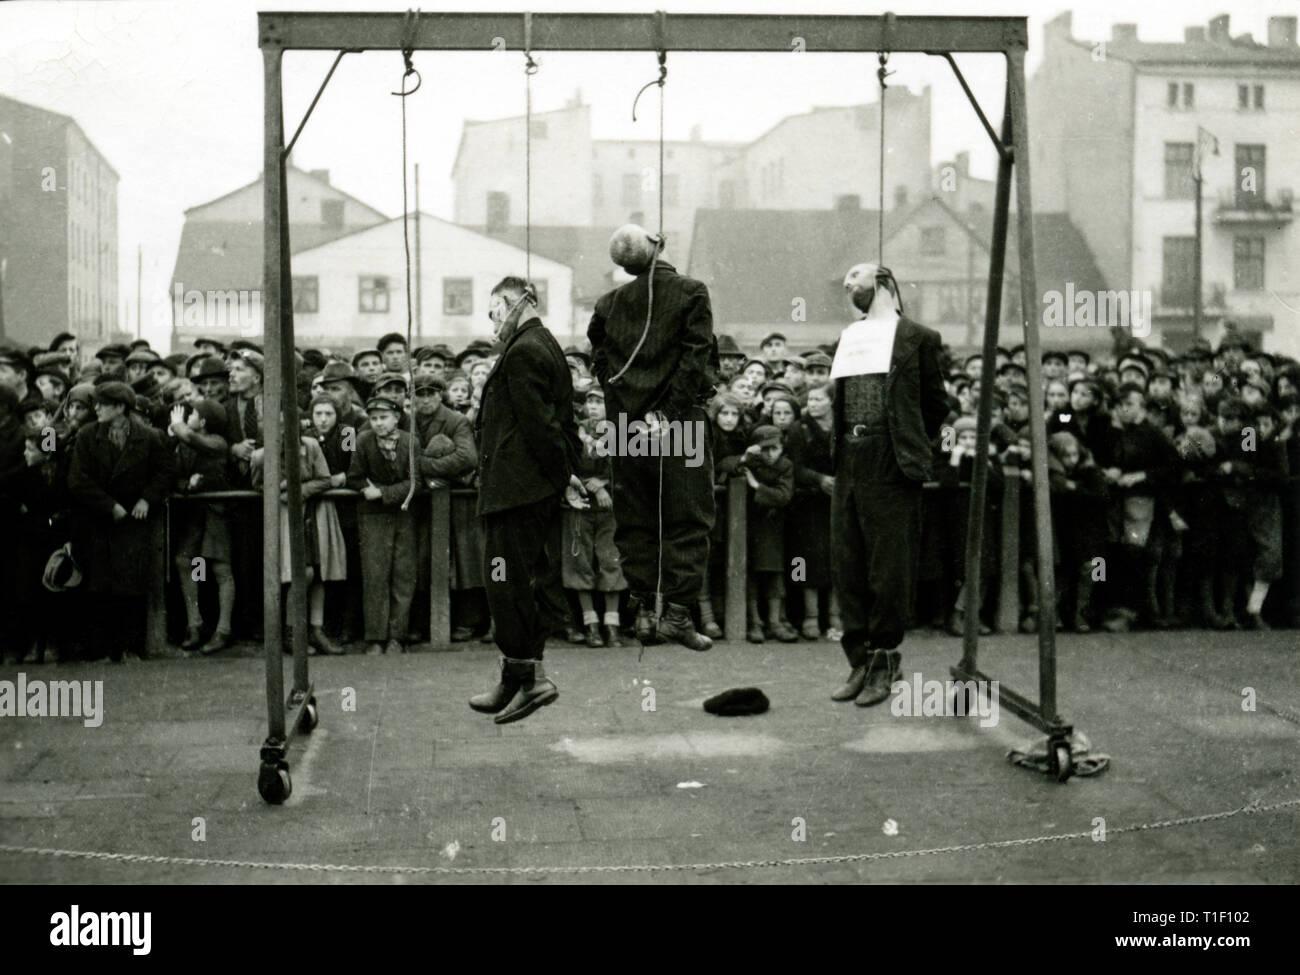 La Polonia, a Lodz, WW II, esecuzione (omicidio) degli Ebrei al 11.11.1939, testo originale: impiccati Ebrei, Additional-Rights-Clearance-Info-Not-Available Immagini Stock